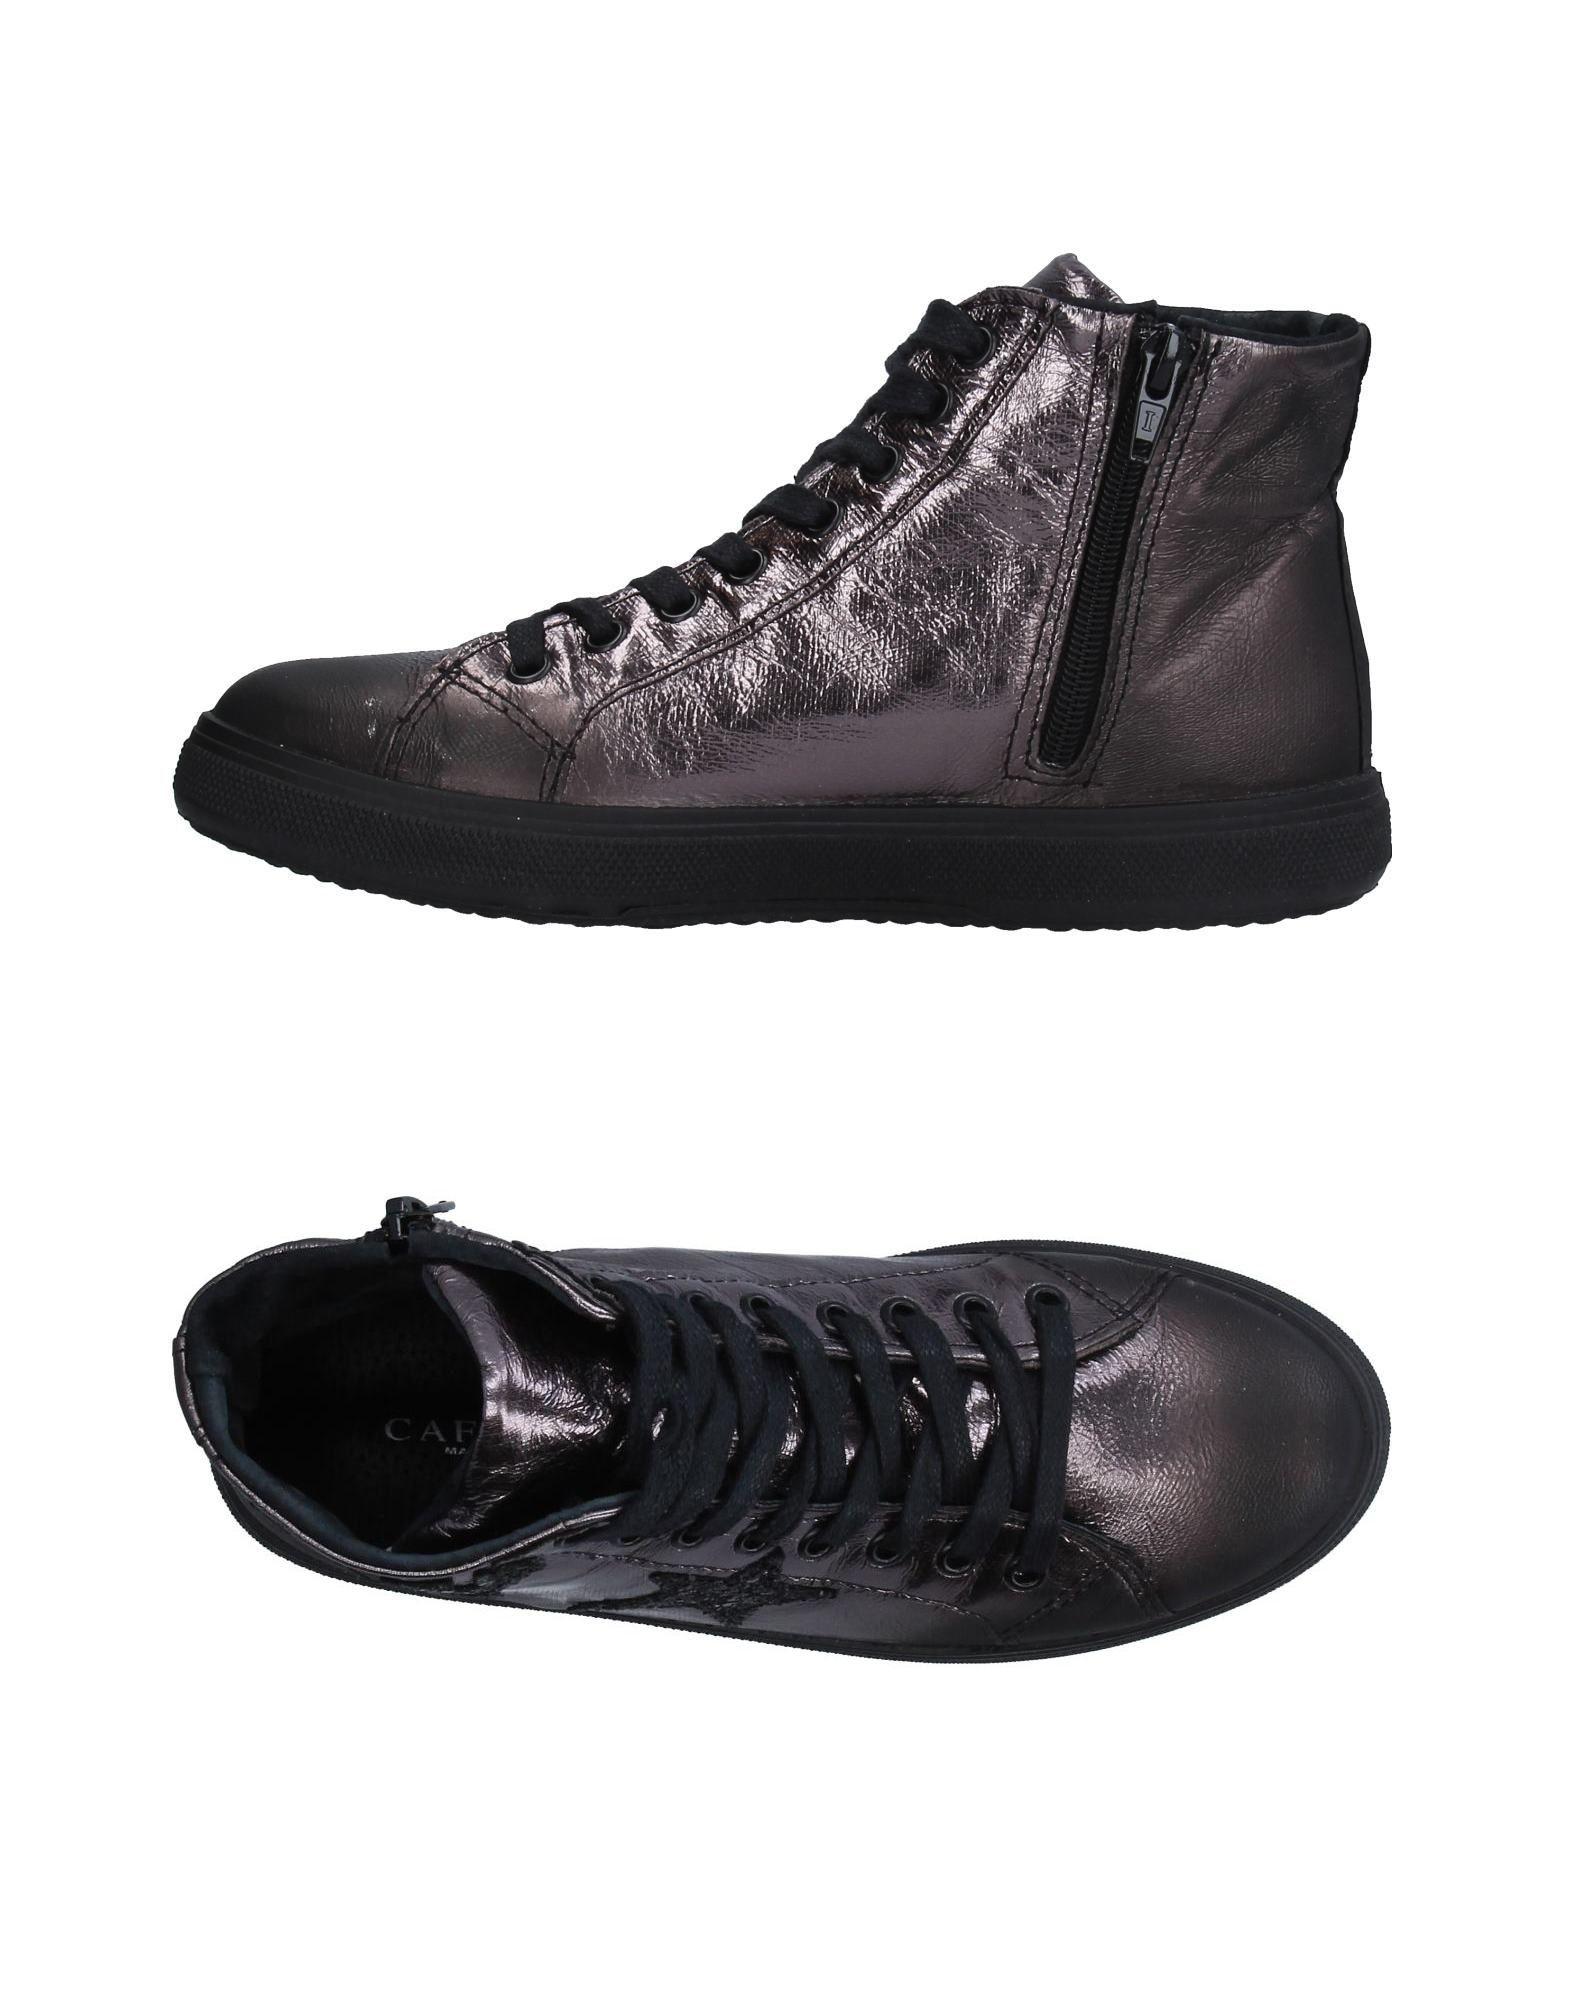 Sneakers Cafènoir Donna - 11266363LH Scarpe economiche e buone